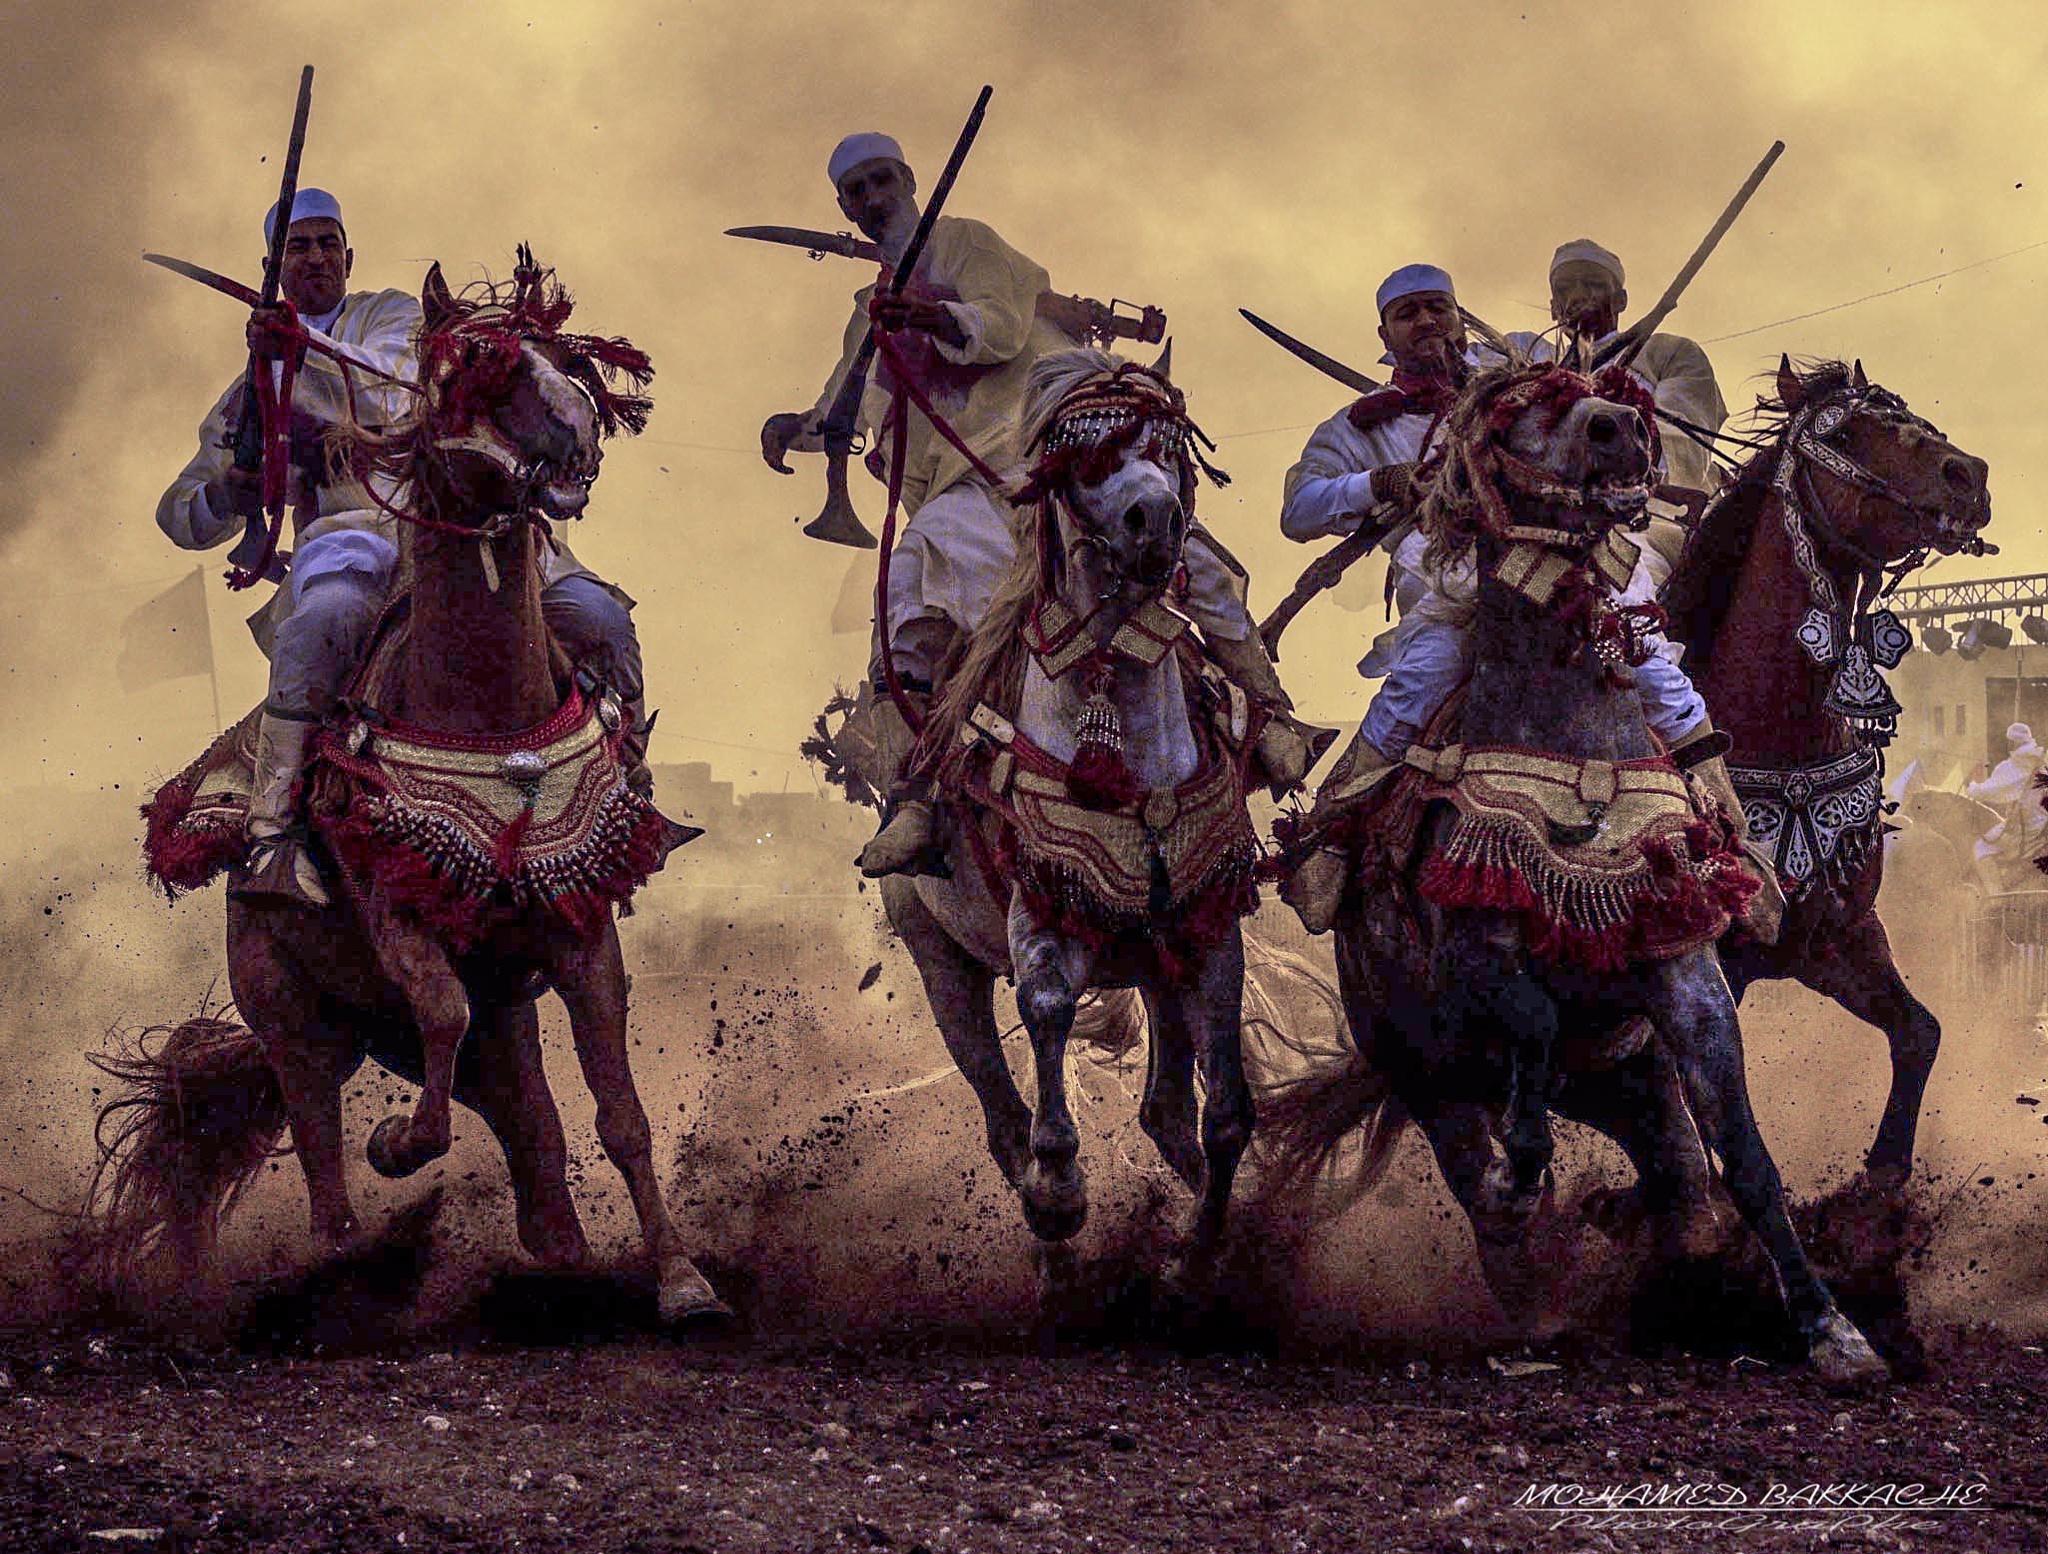 Untitled by Bakkache Mohammed